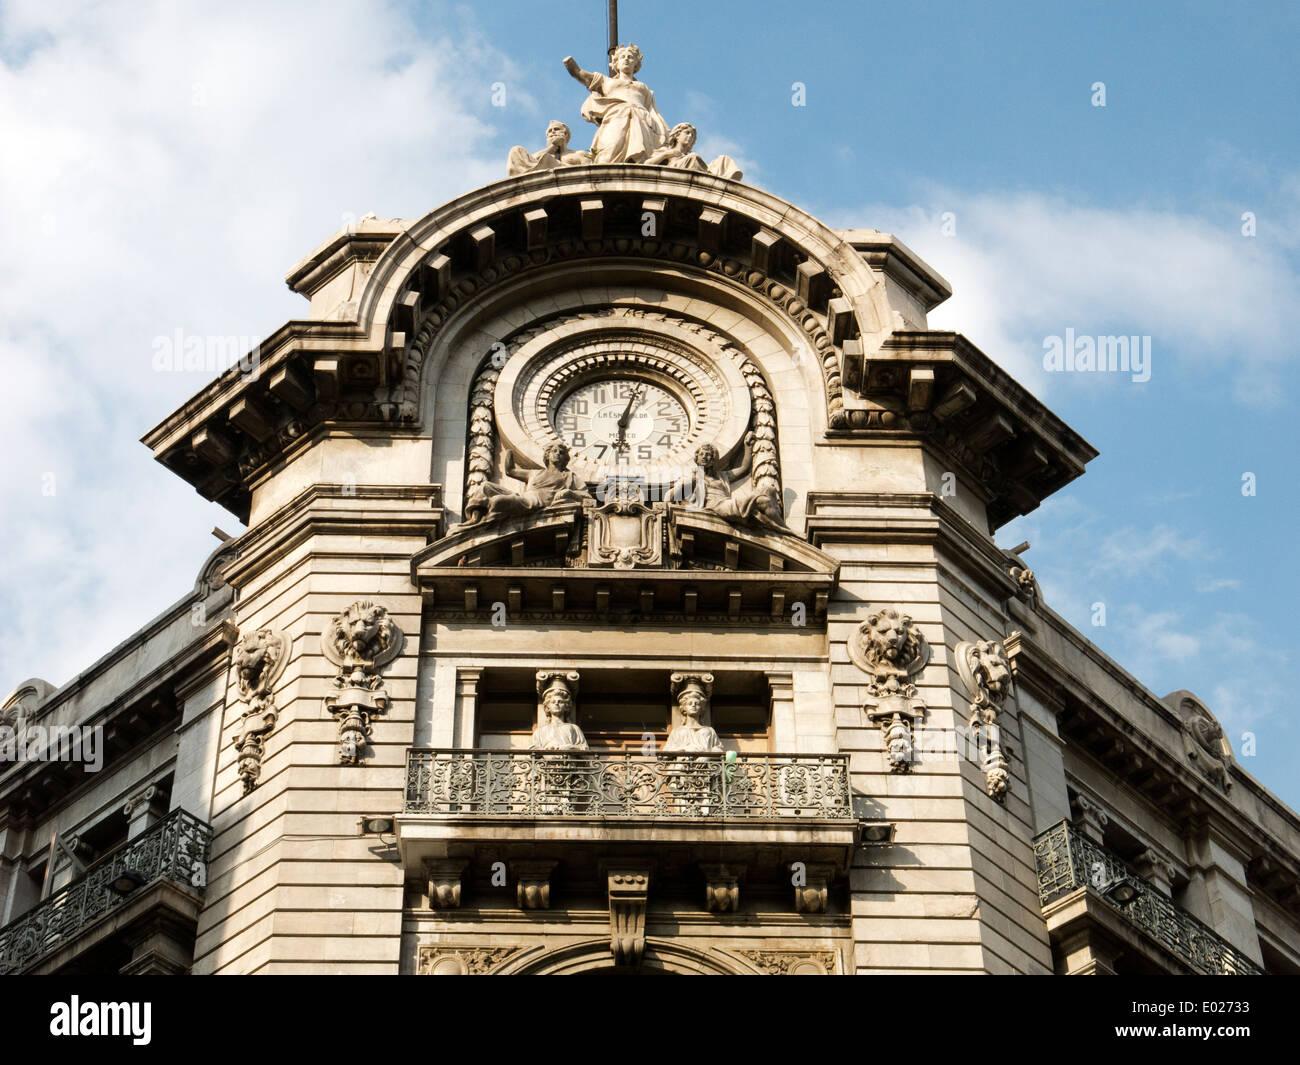 Bâtiment ancien et son horloge au centre-ville de Mexico Photo Stock